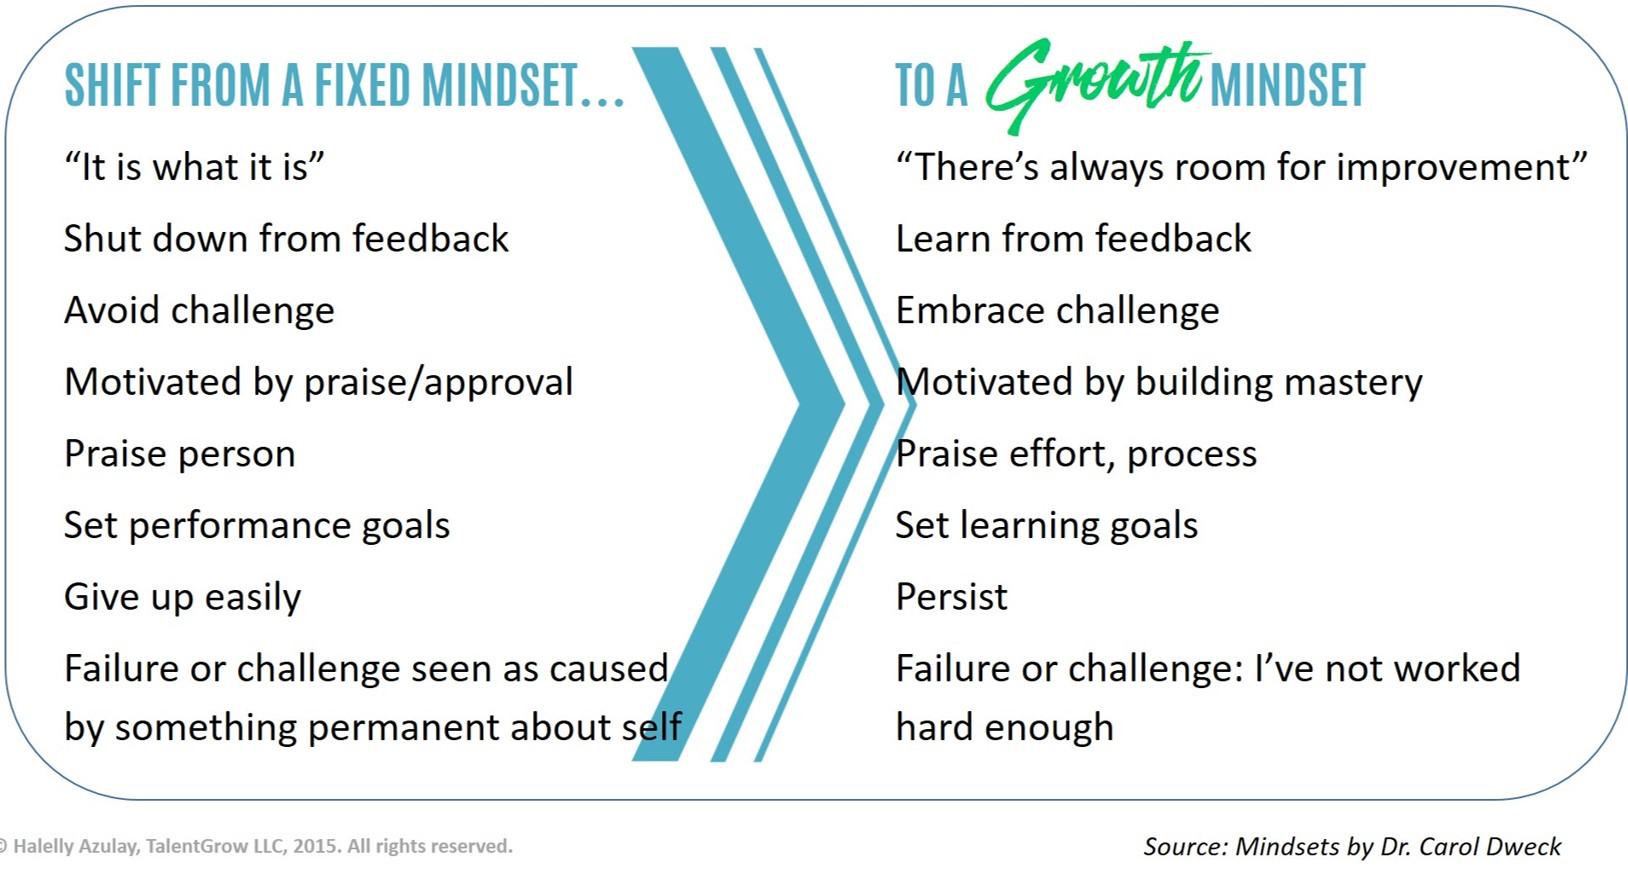 Growth Mindset by Carol Dweck